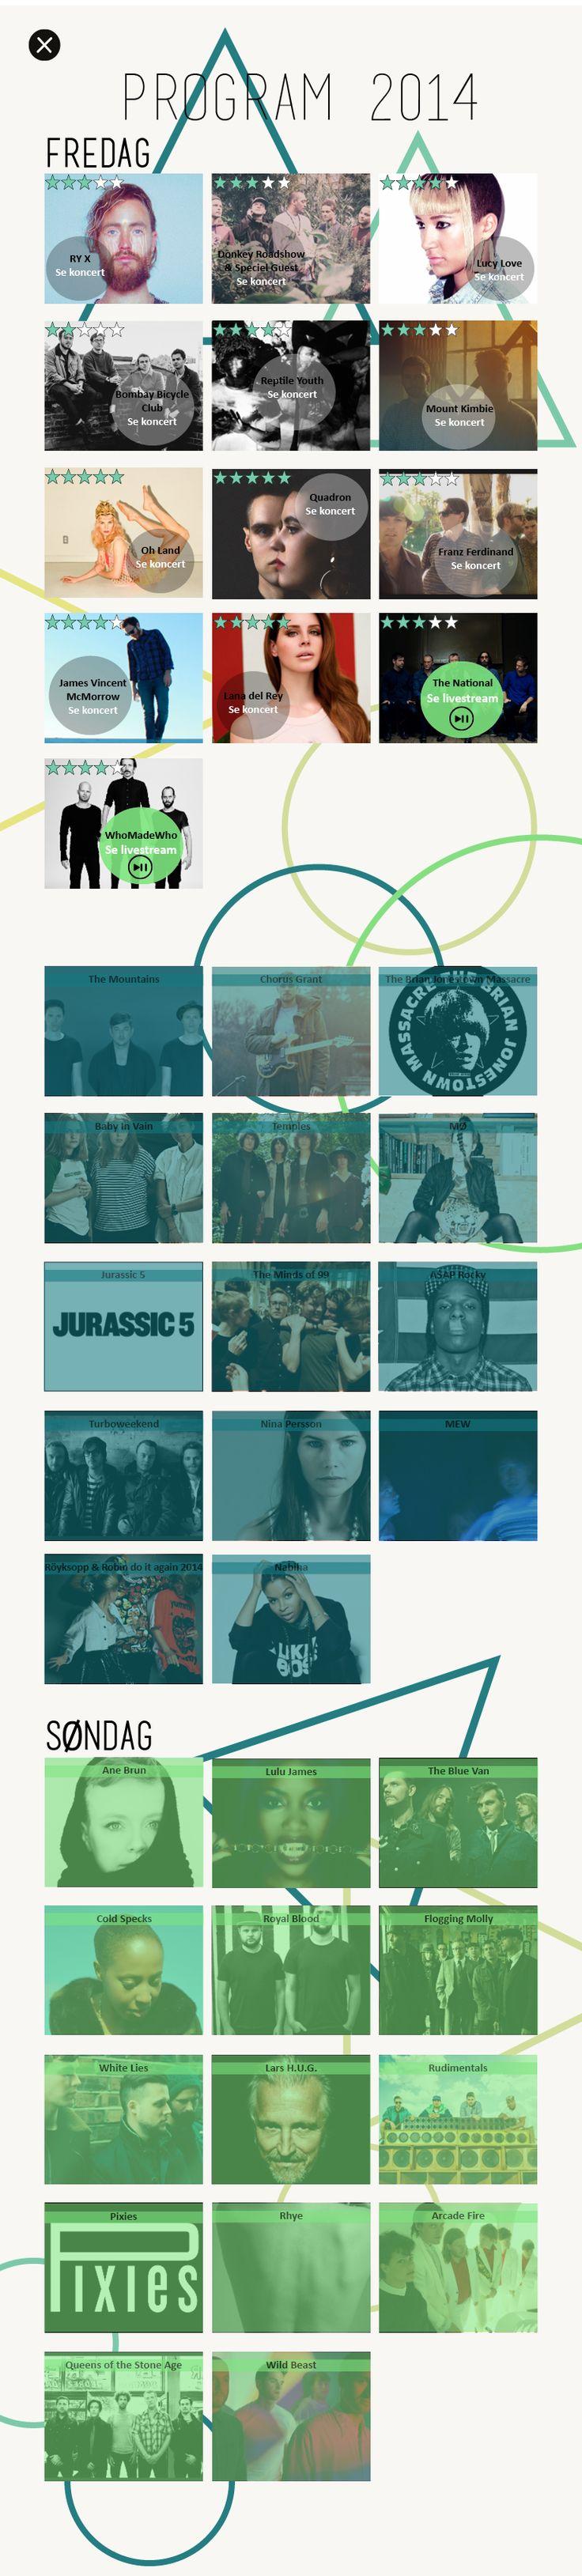 Program oversigt for Northside 2014, interaktivt ipad magasin. By Kia Lange.